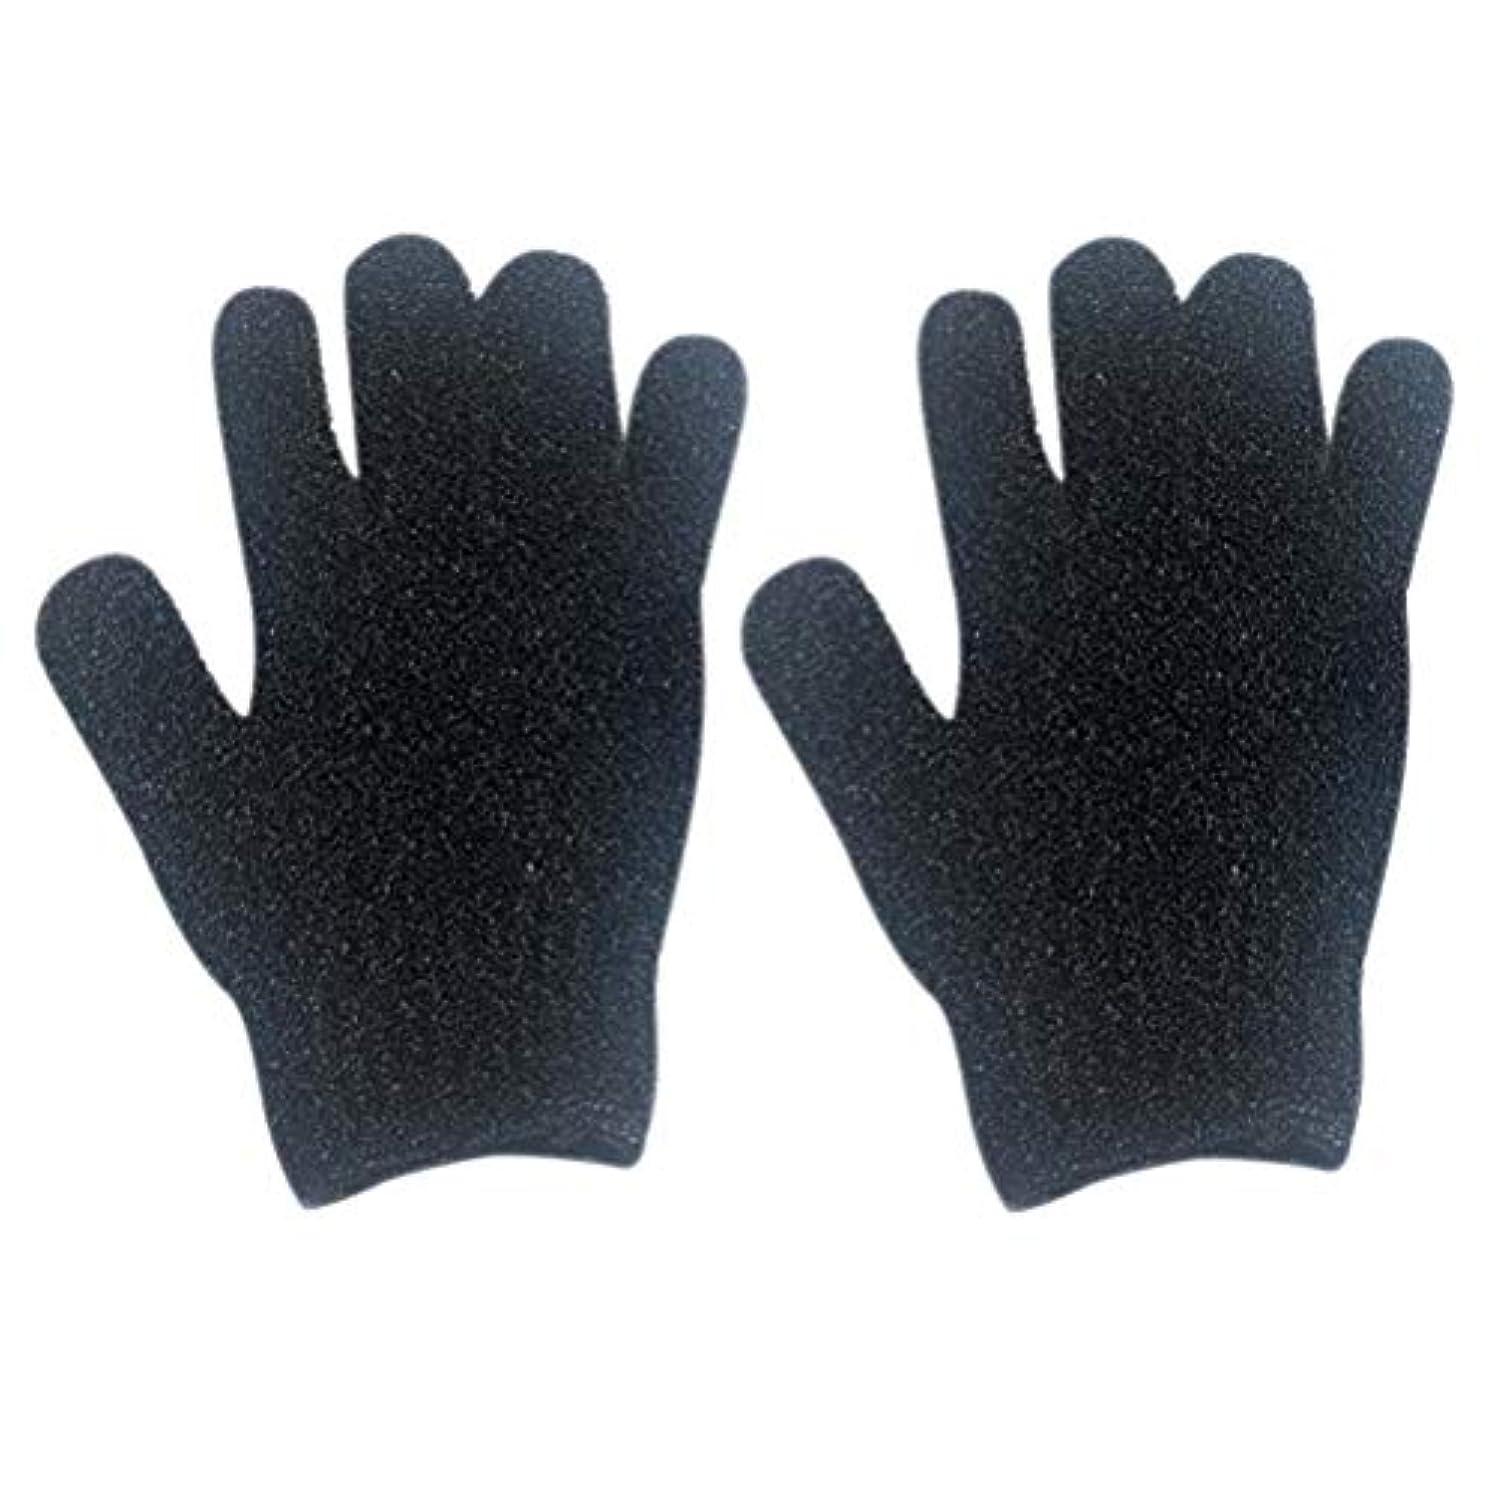 強調する薬理学行為Healifty エクスフォリエイティンググローブラビング手袋エクスフォリエーター手袋入浴スパ2本